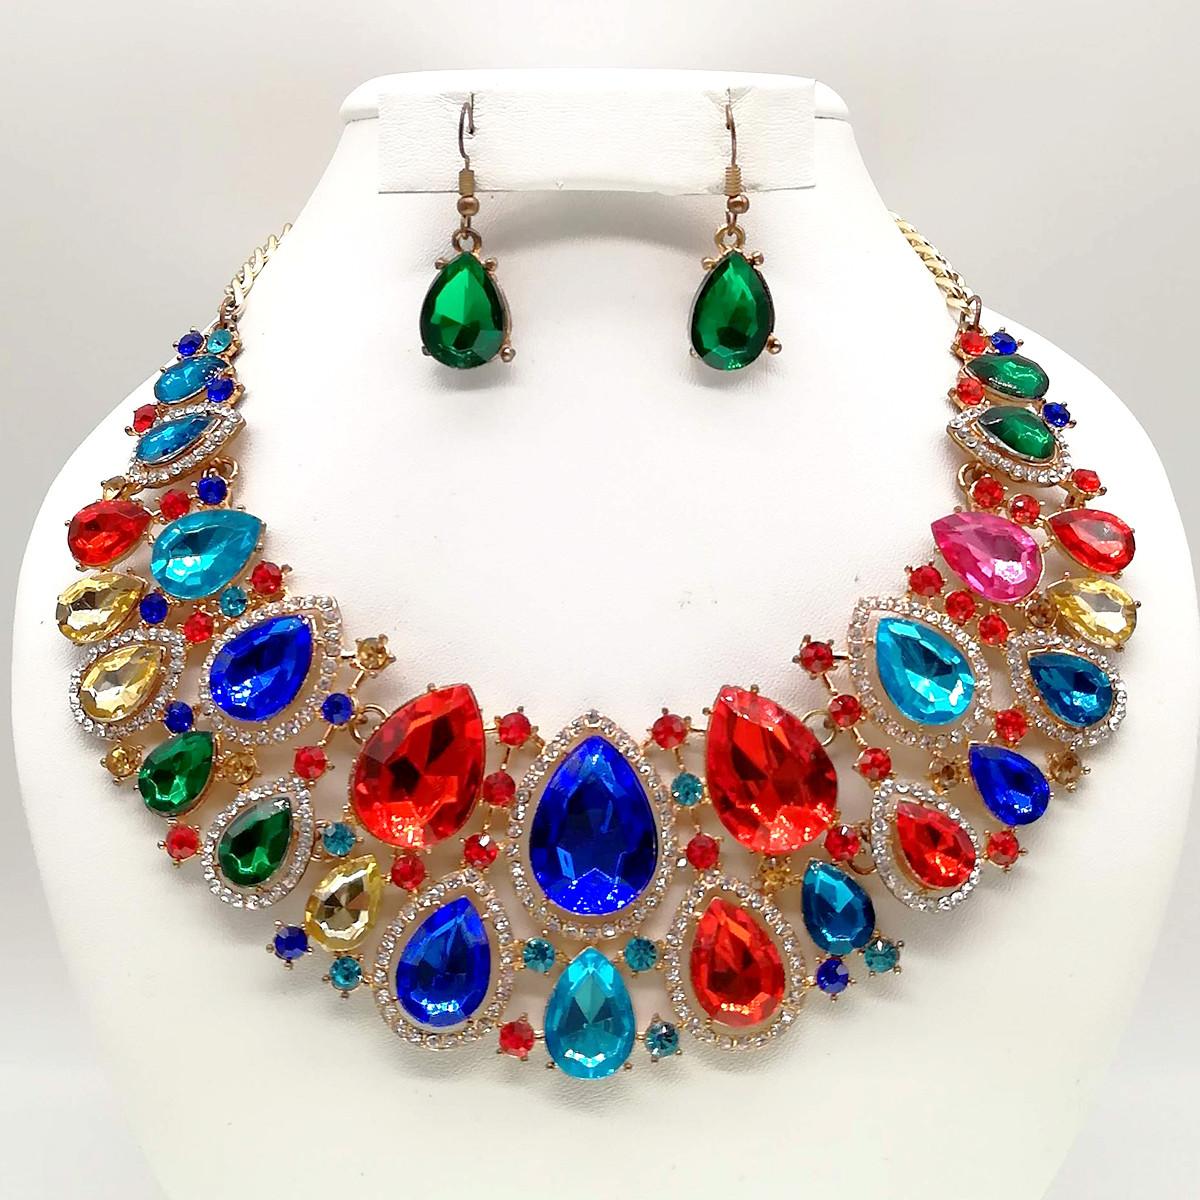 Комплект SONATA (Колье + серьги), разноцветные камни, позолоте 18К, 63250                      (1)